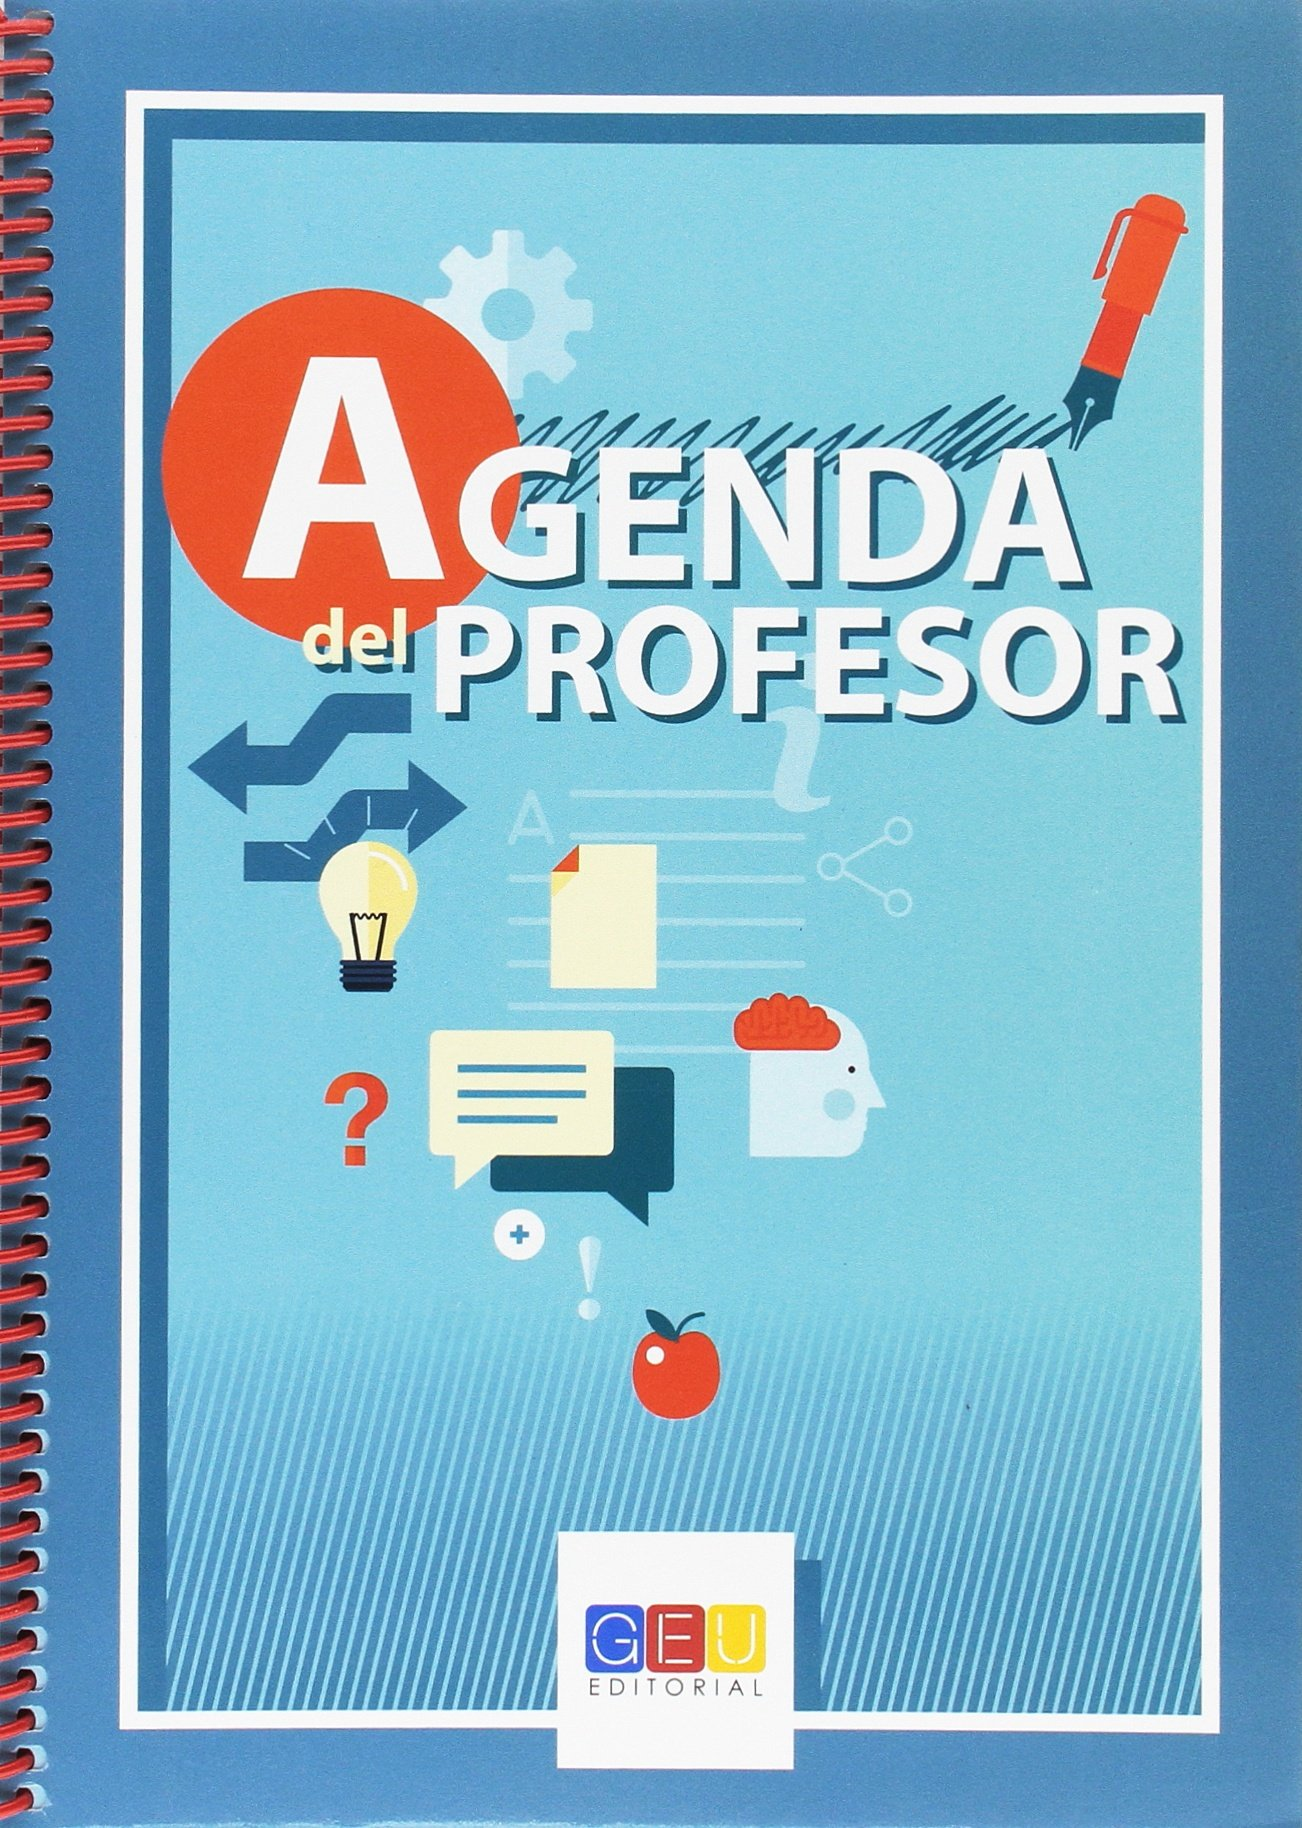 Agenda del profesor: Amazon.es: Libros